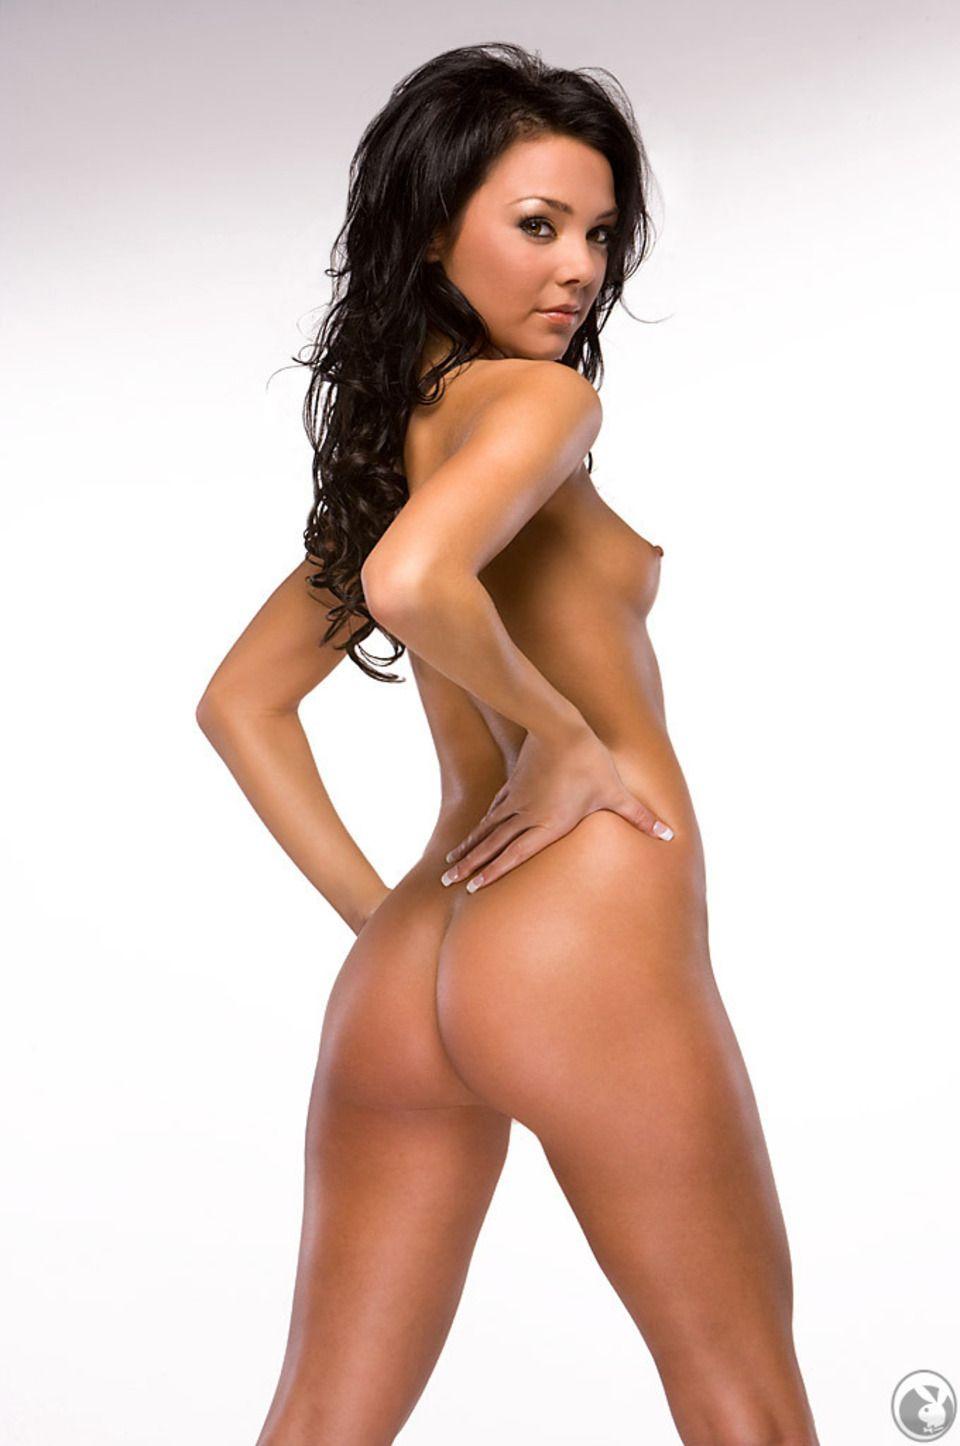 lana tailor sexy nude